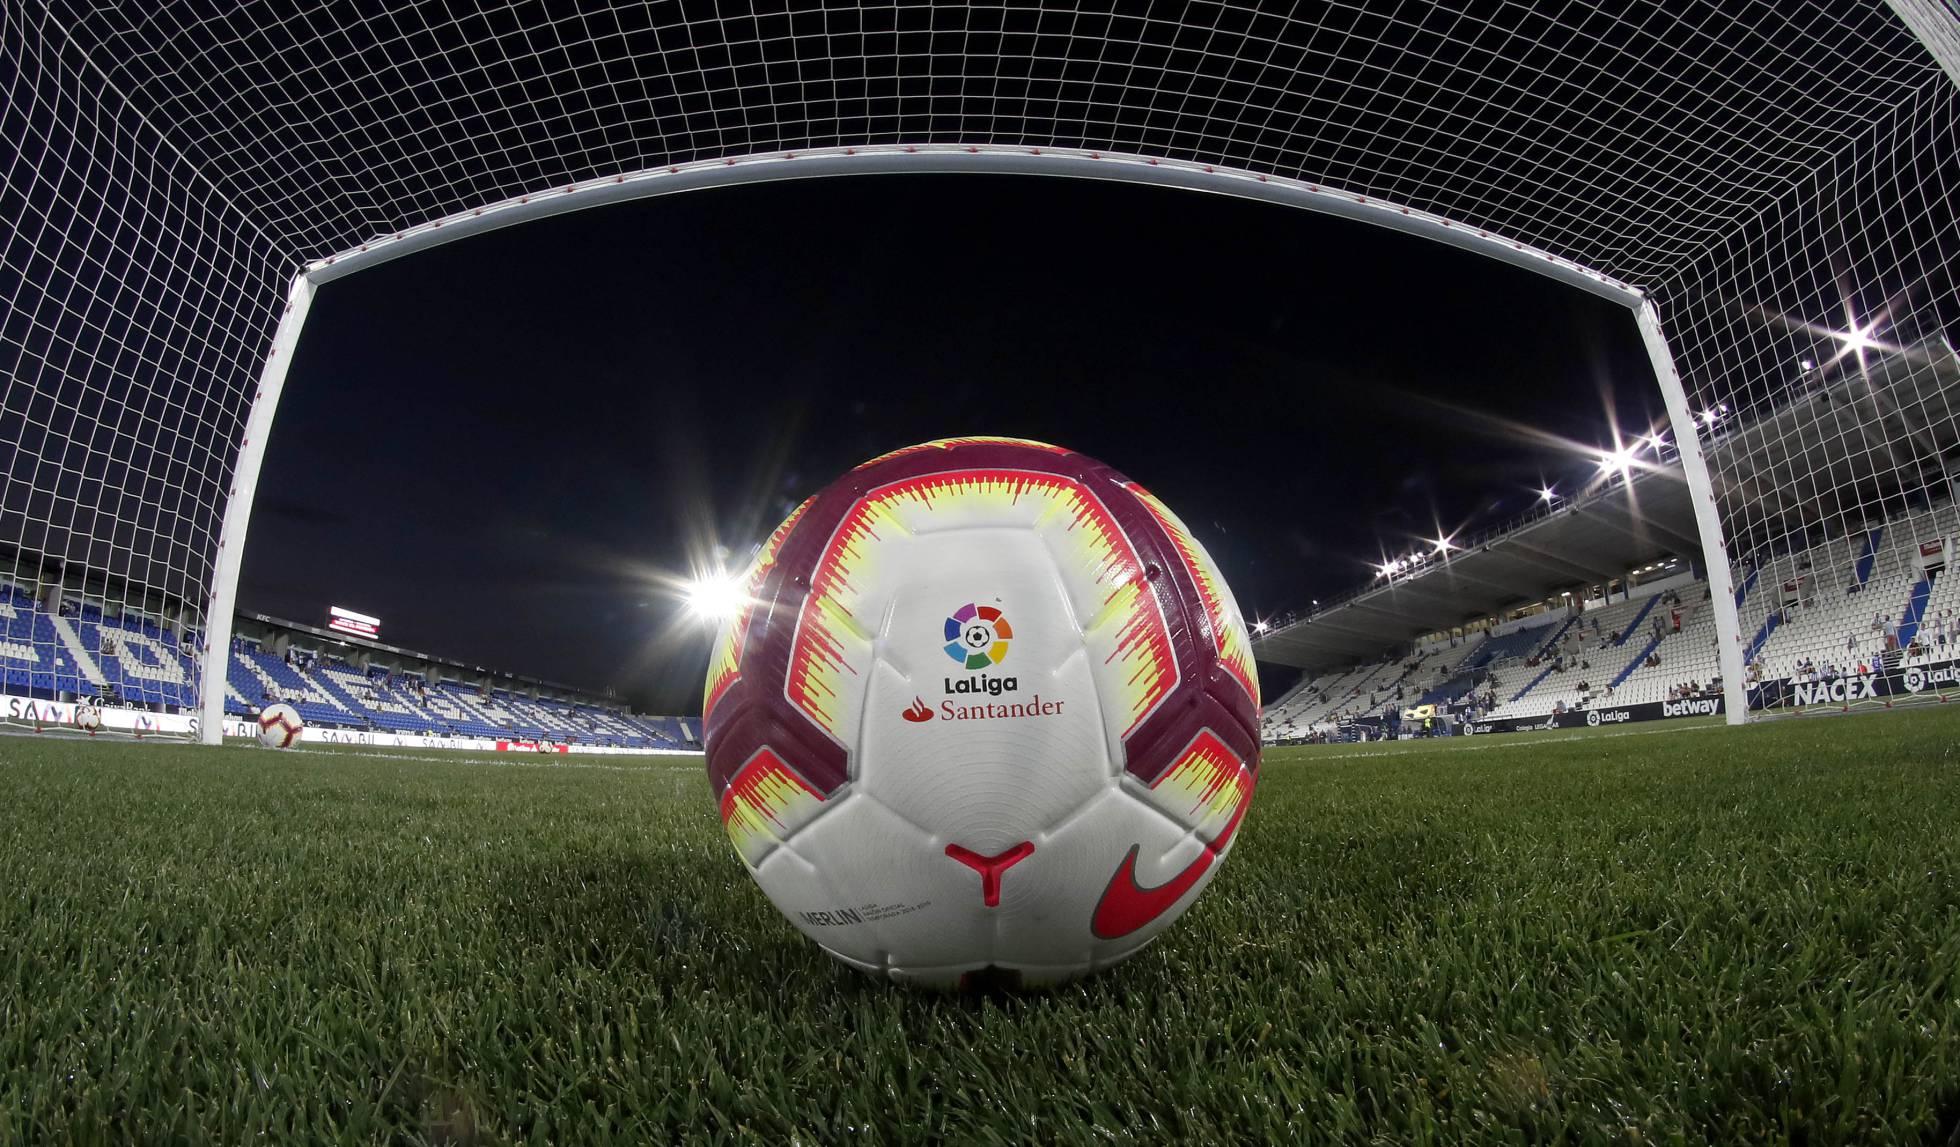 Las marcas triplican su apuesta por el fútbol